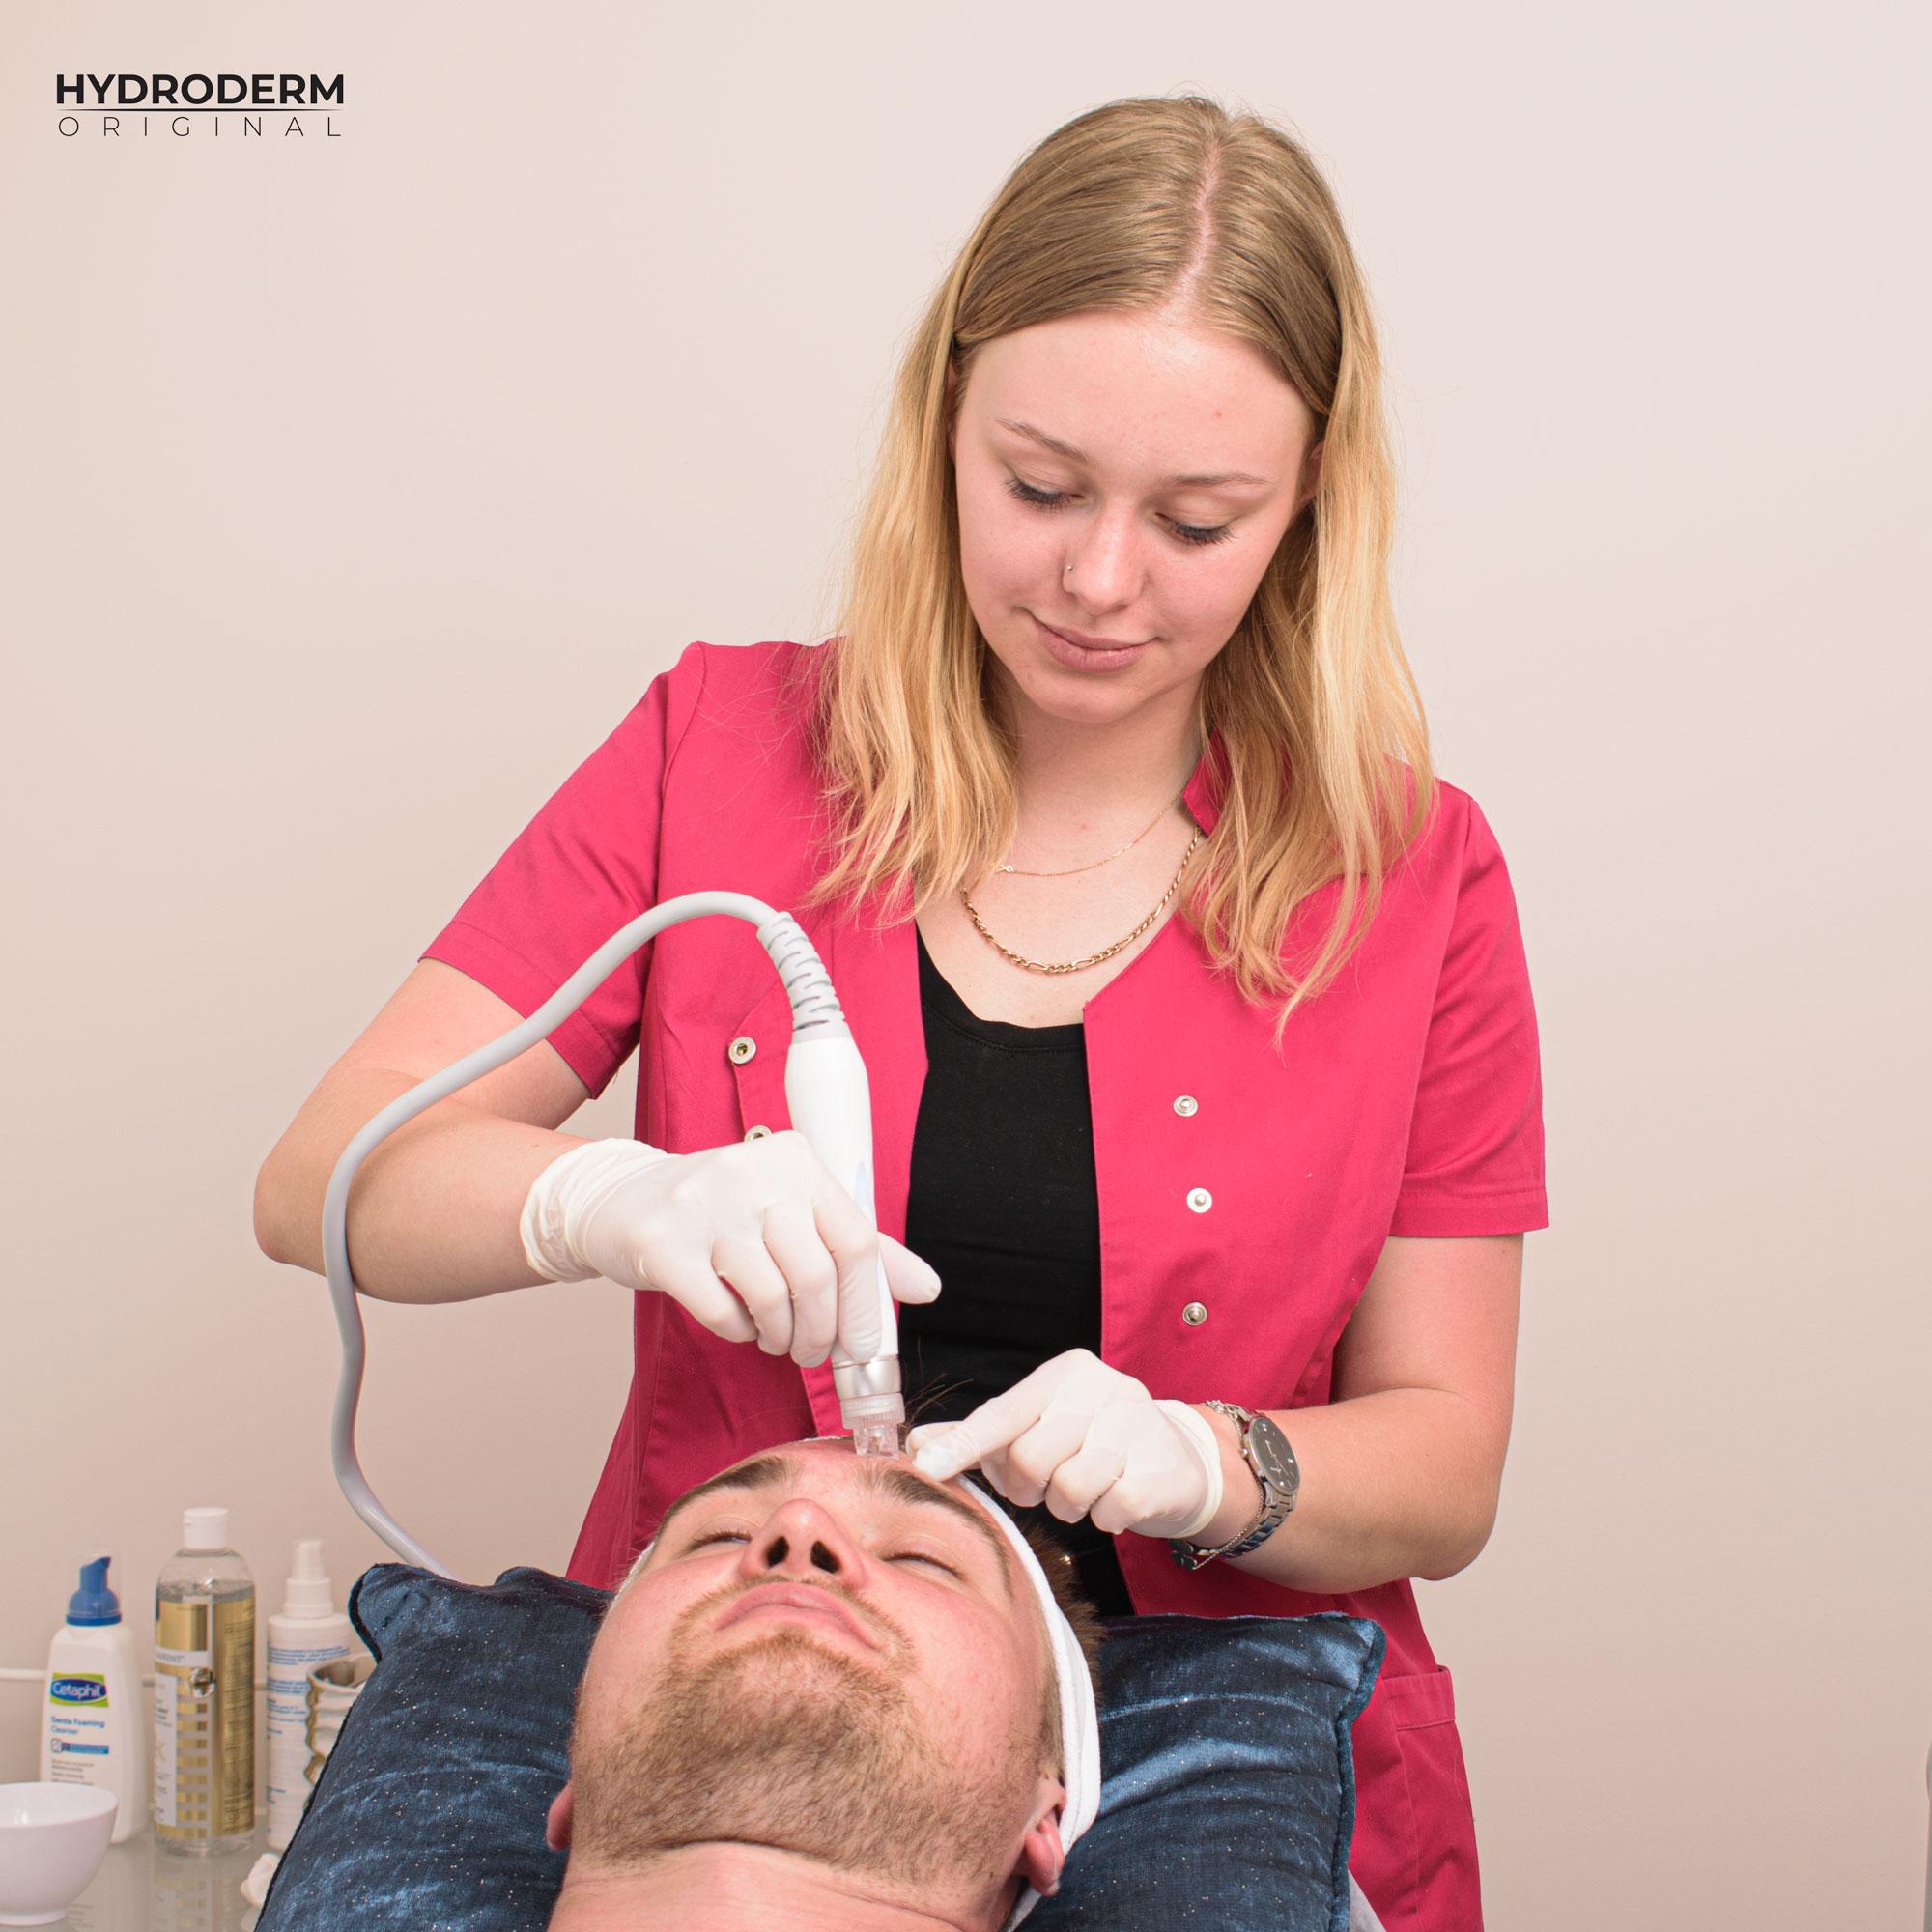 Szkolenia prowadzimy dla profesjonalnych i początkujących kosmetyczek i kosmetologów